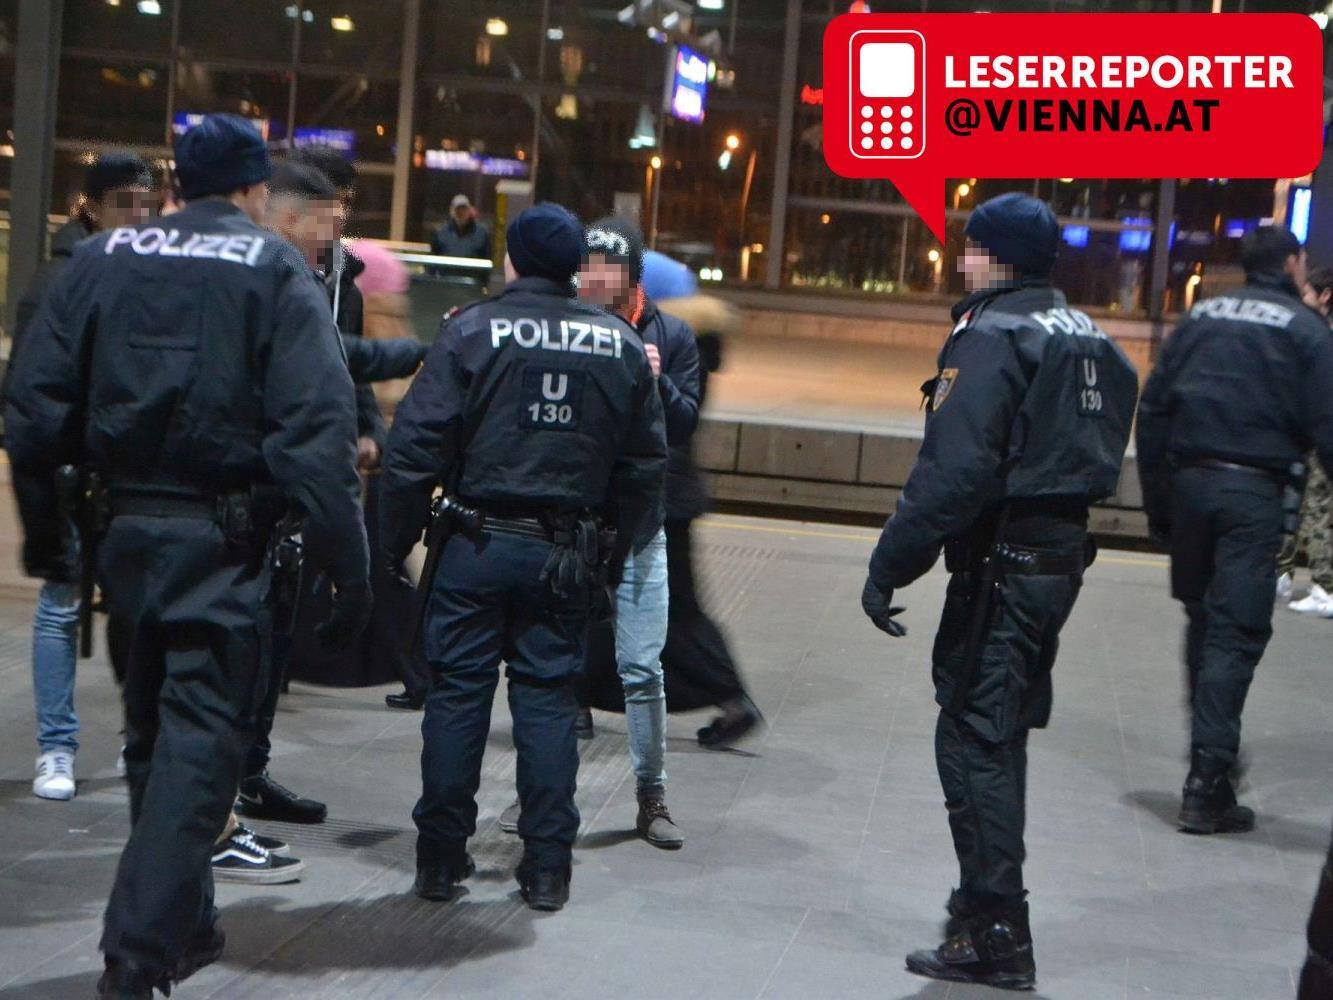 Die anwesenden Polizisten konnten die Schlägerei am Praterstern rasch beenden.